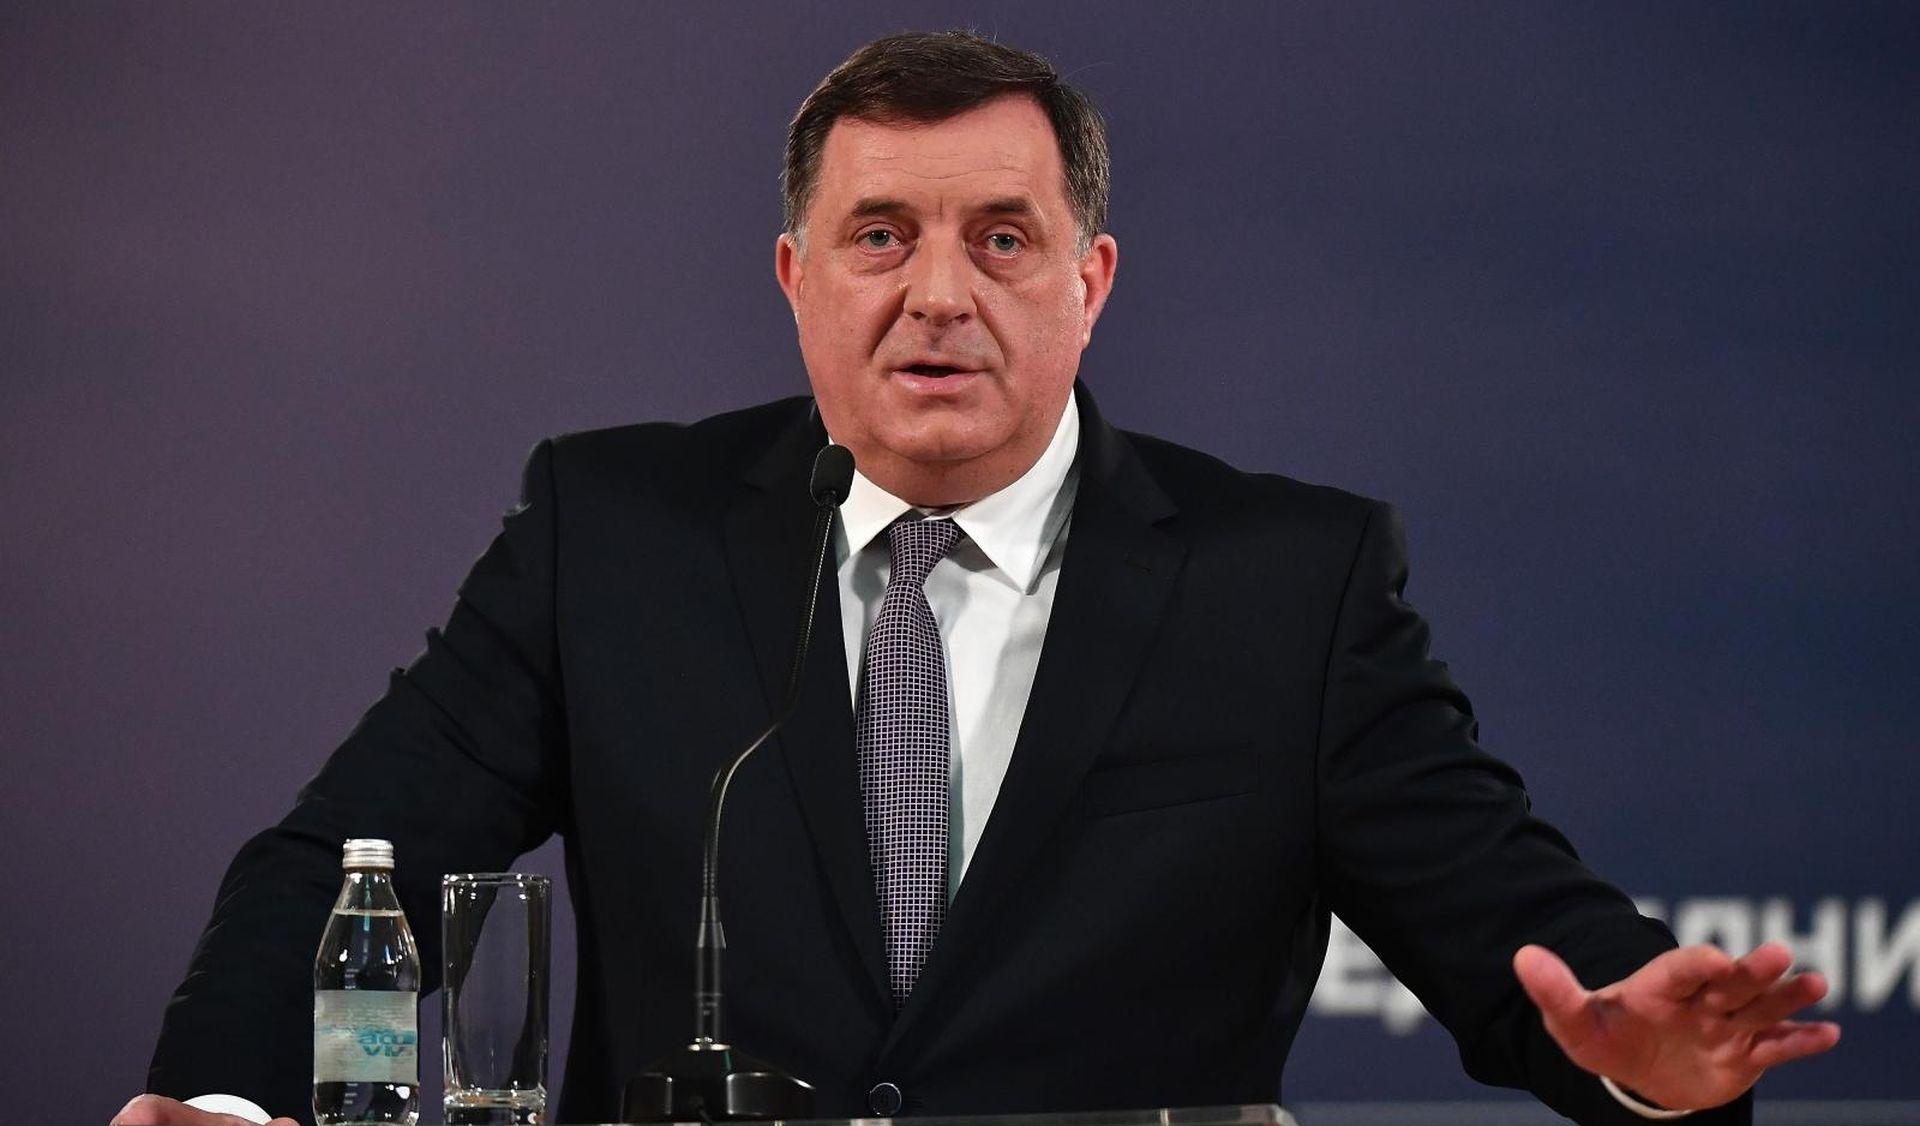 Konstituirano novo Predsjedništvo BiH, prvi predsjedatelj Dodik